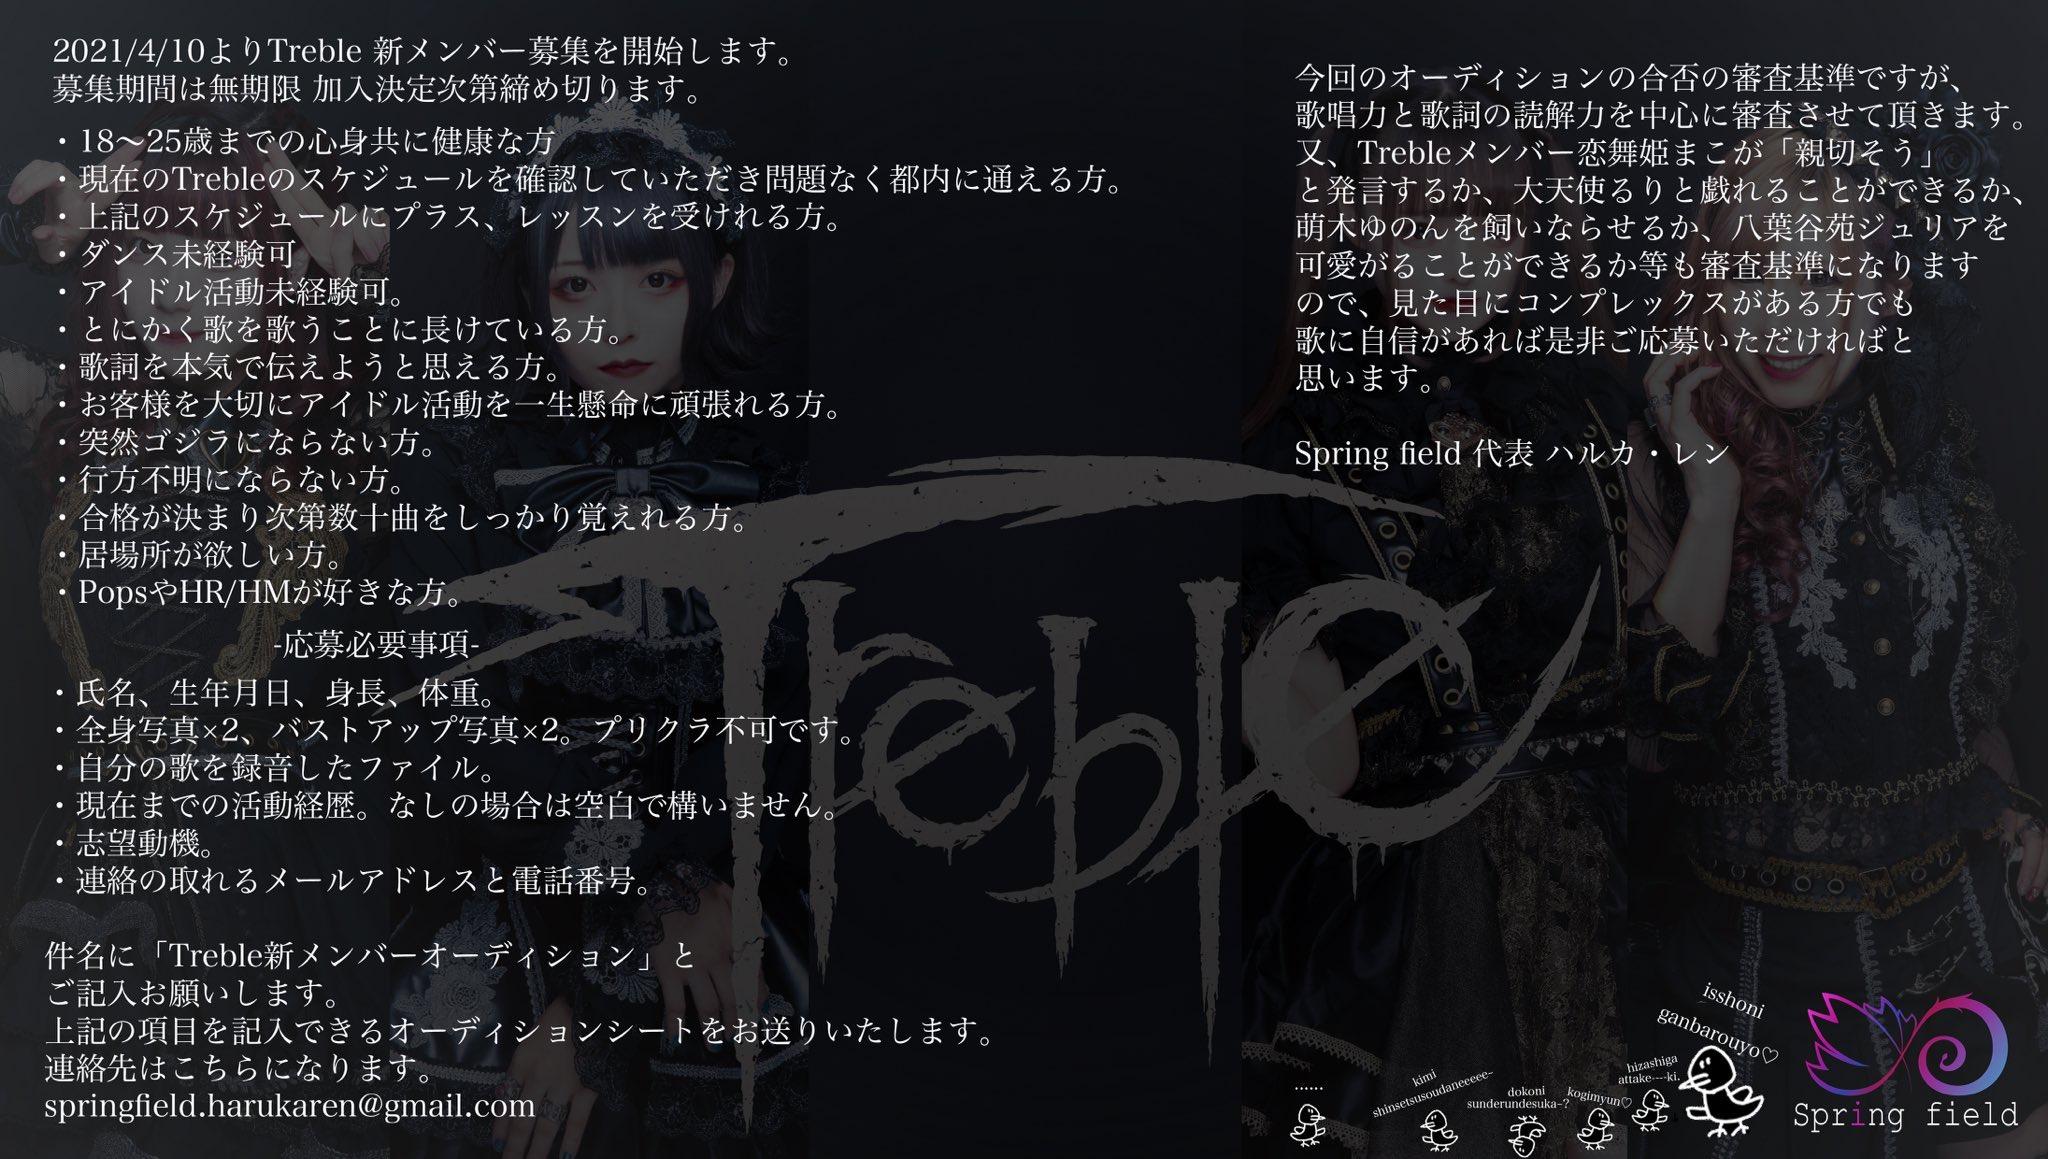 オーディション ロック系アイドル Treble 新メンバー募集 主催:Spring field、カテゴリ:アイドル(楽曲派)